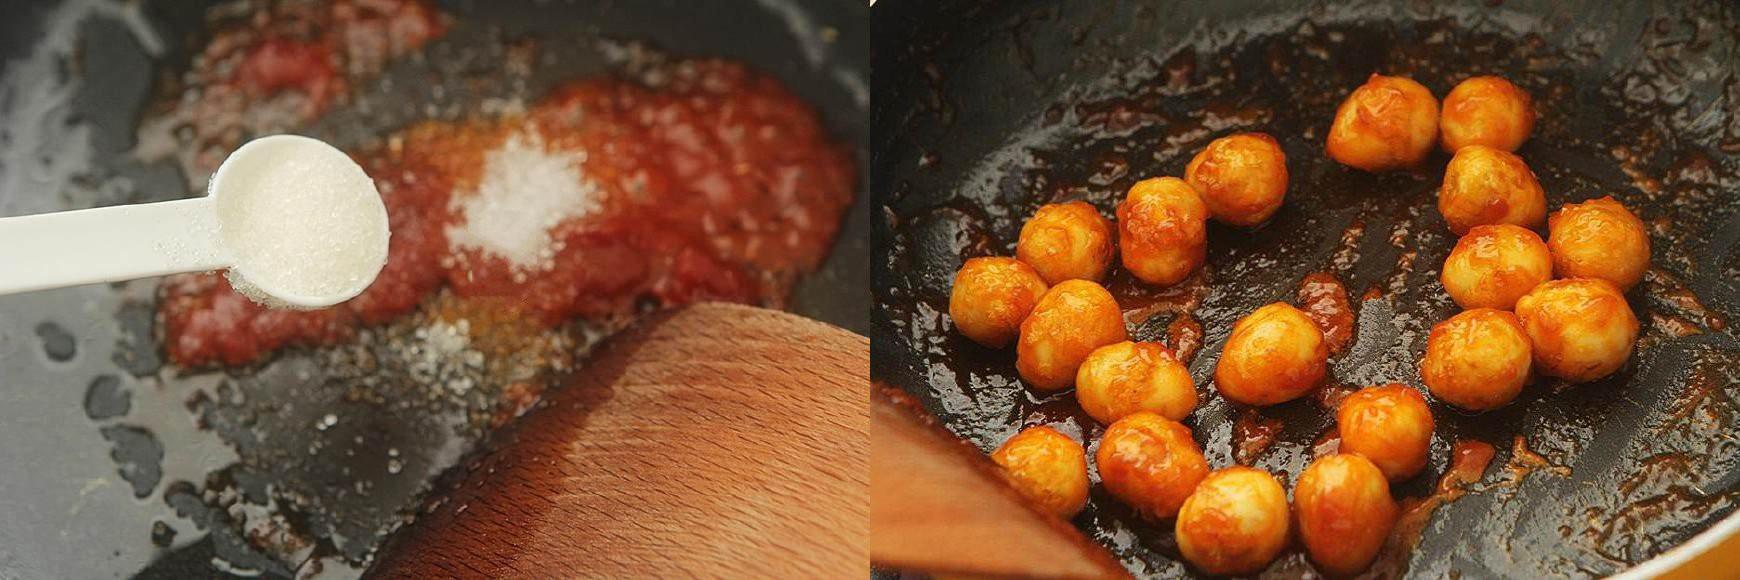 Trứng cút chiên xốt chua ngọt chuẩn ngon - Ảnh 3.